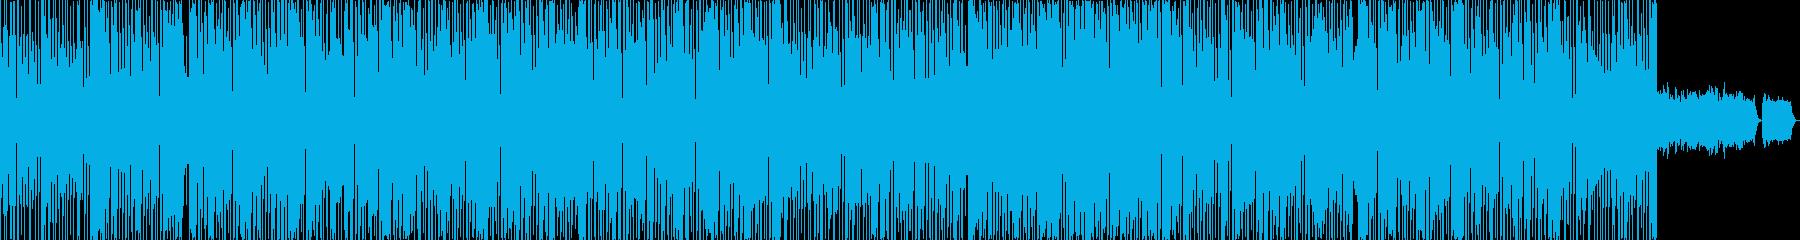 ストリングスとシンセリードが美しいポップの再生済みの波形